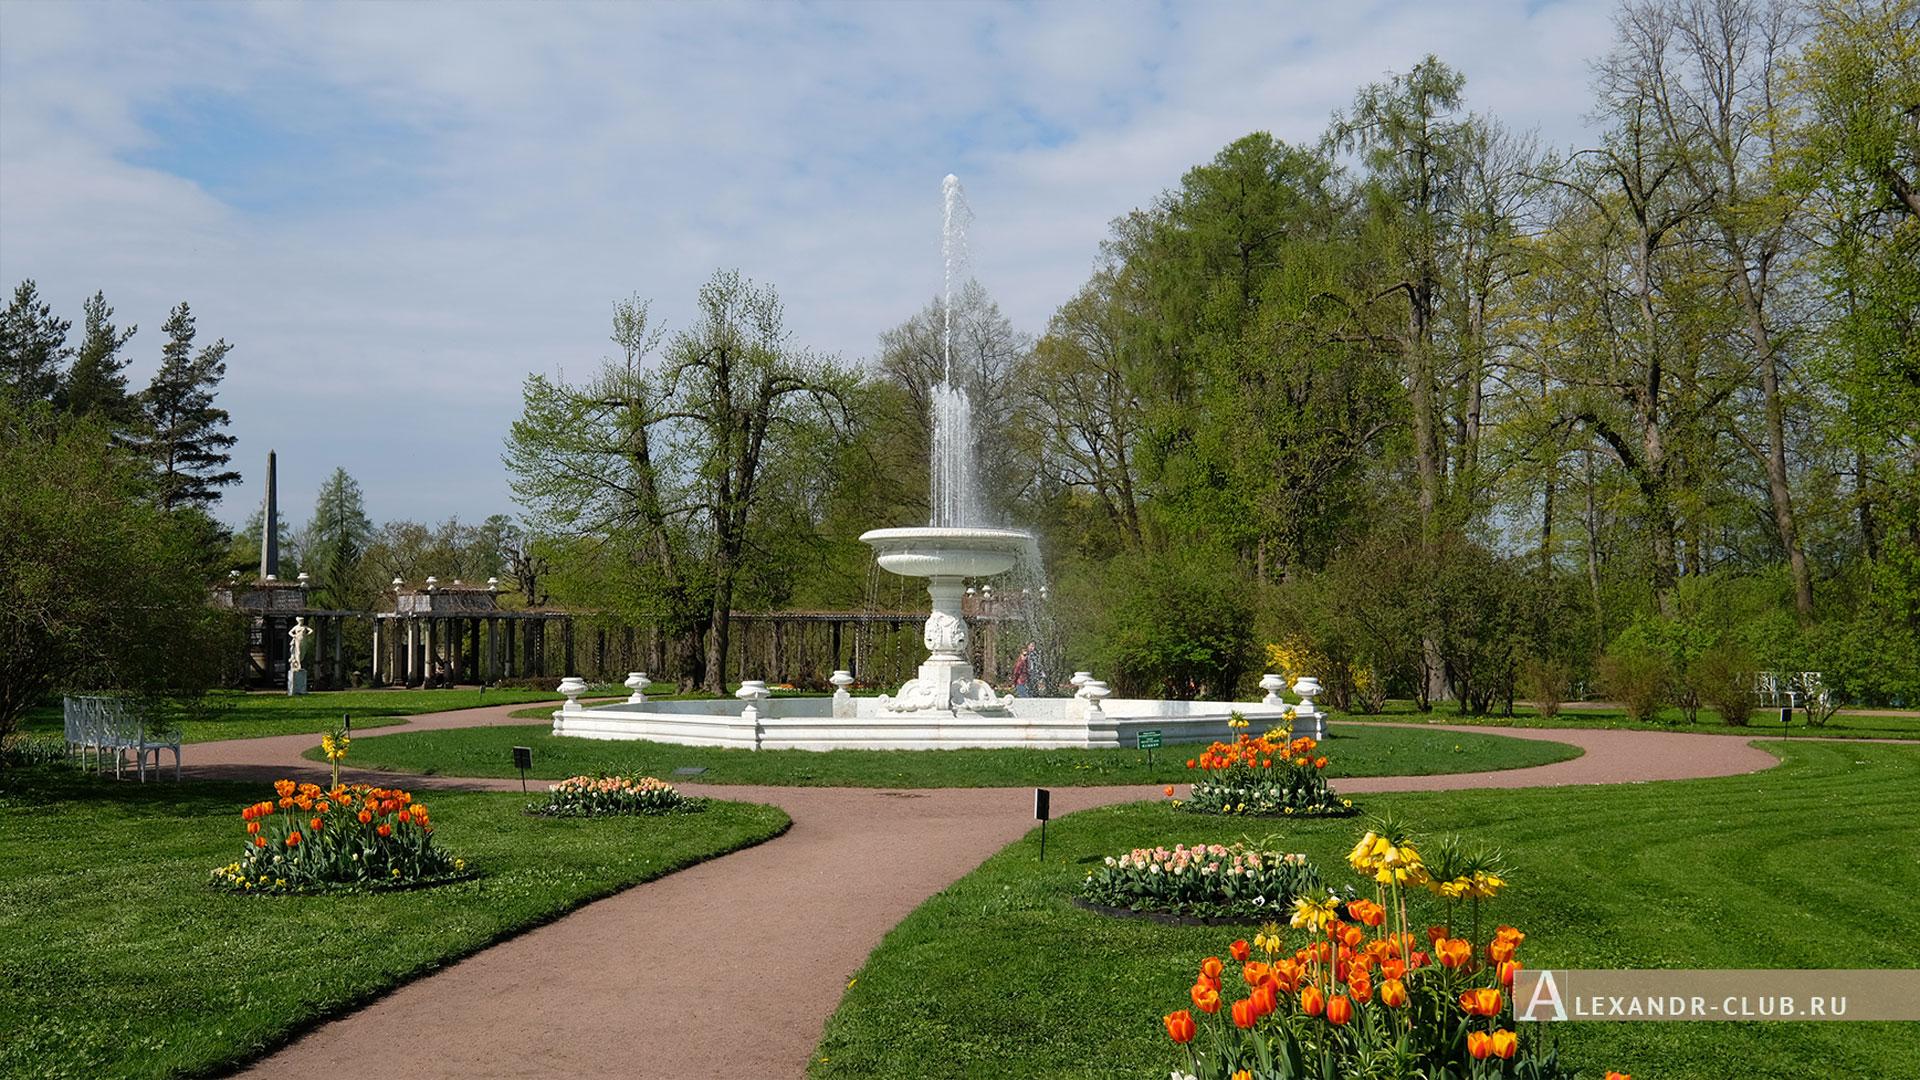 Царское Село, весна, Екатерининский парк, Собственный садик, Фонтан